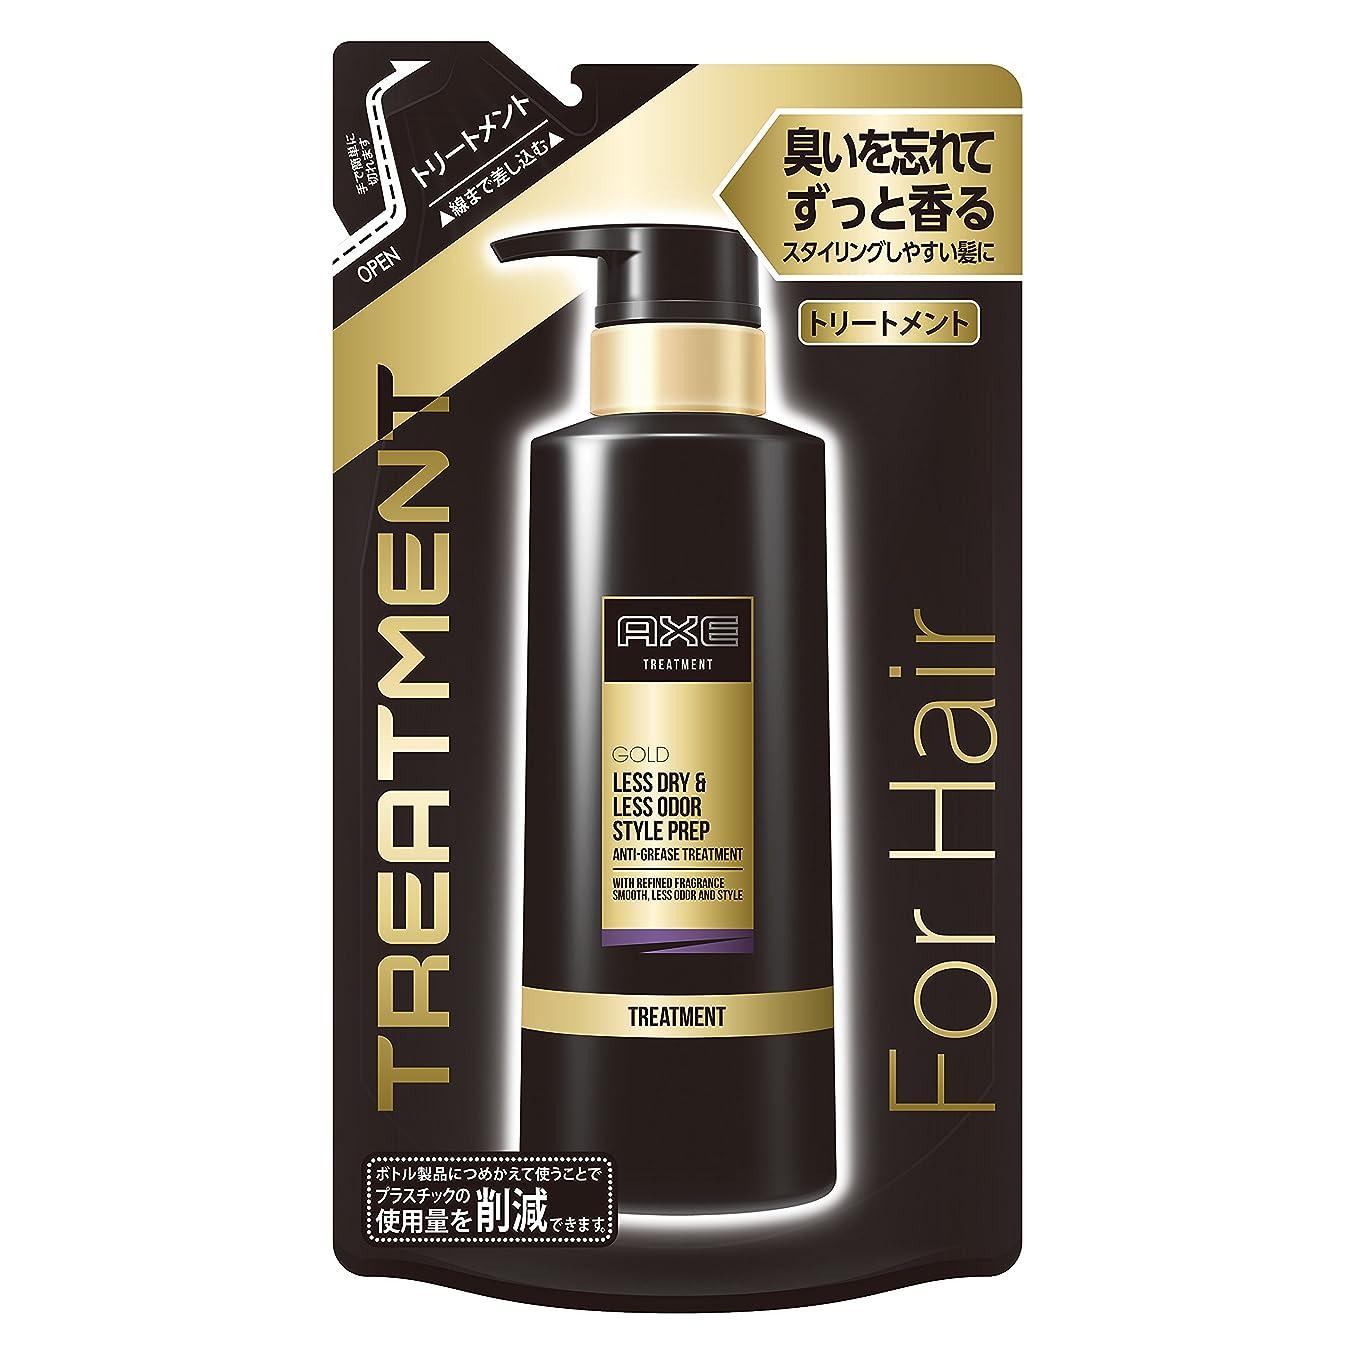 報復する製造シャンプーアックス ゴールド 男性用 ヘア トリートメント つめかえ用 (臭いを忘れて、ずっと香る) 280g